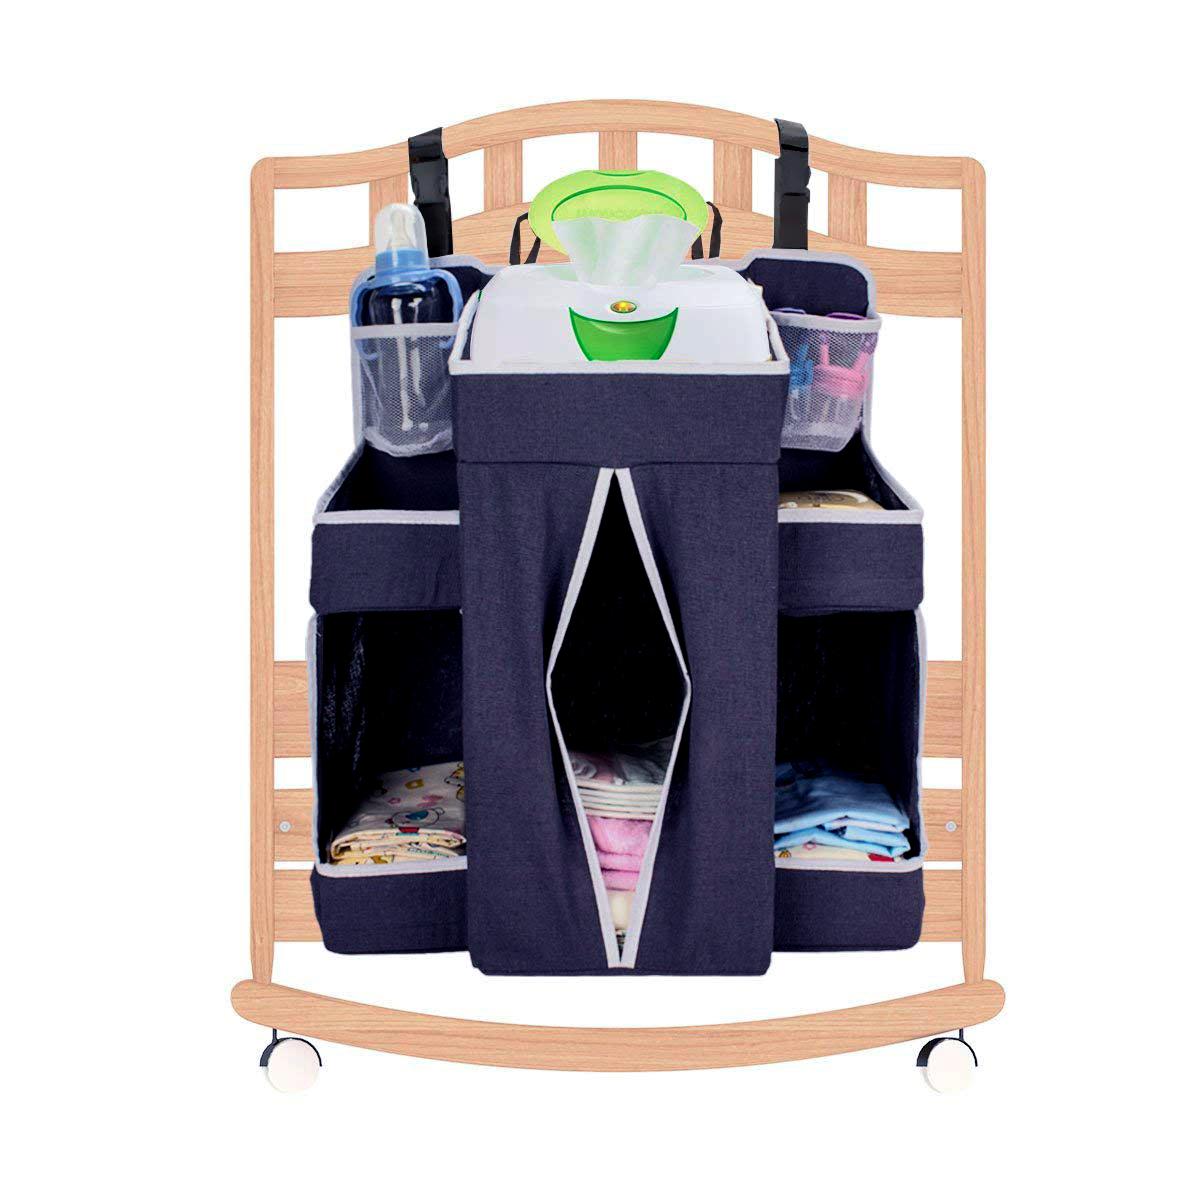 Θήκη οργάνωσης και αποθήκευσης βρεφικών προϊόντων - OEM 52444